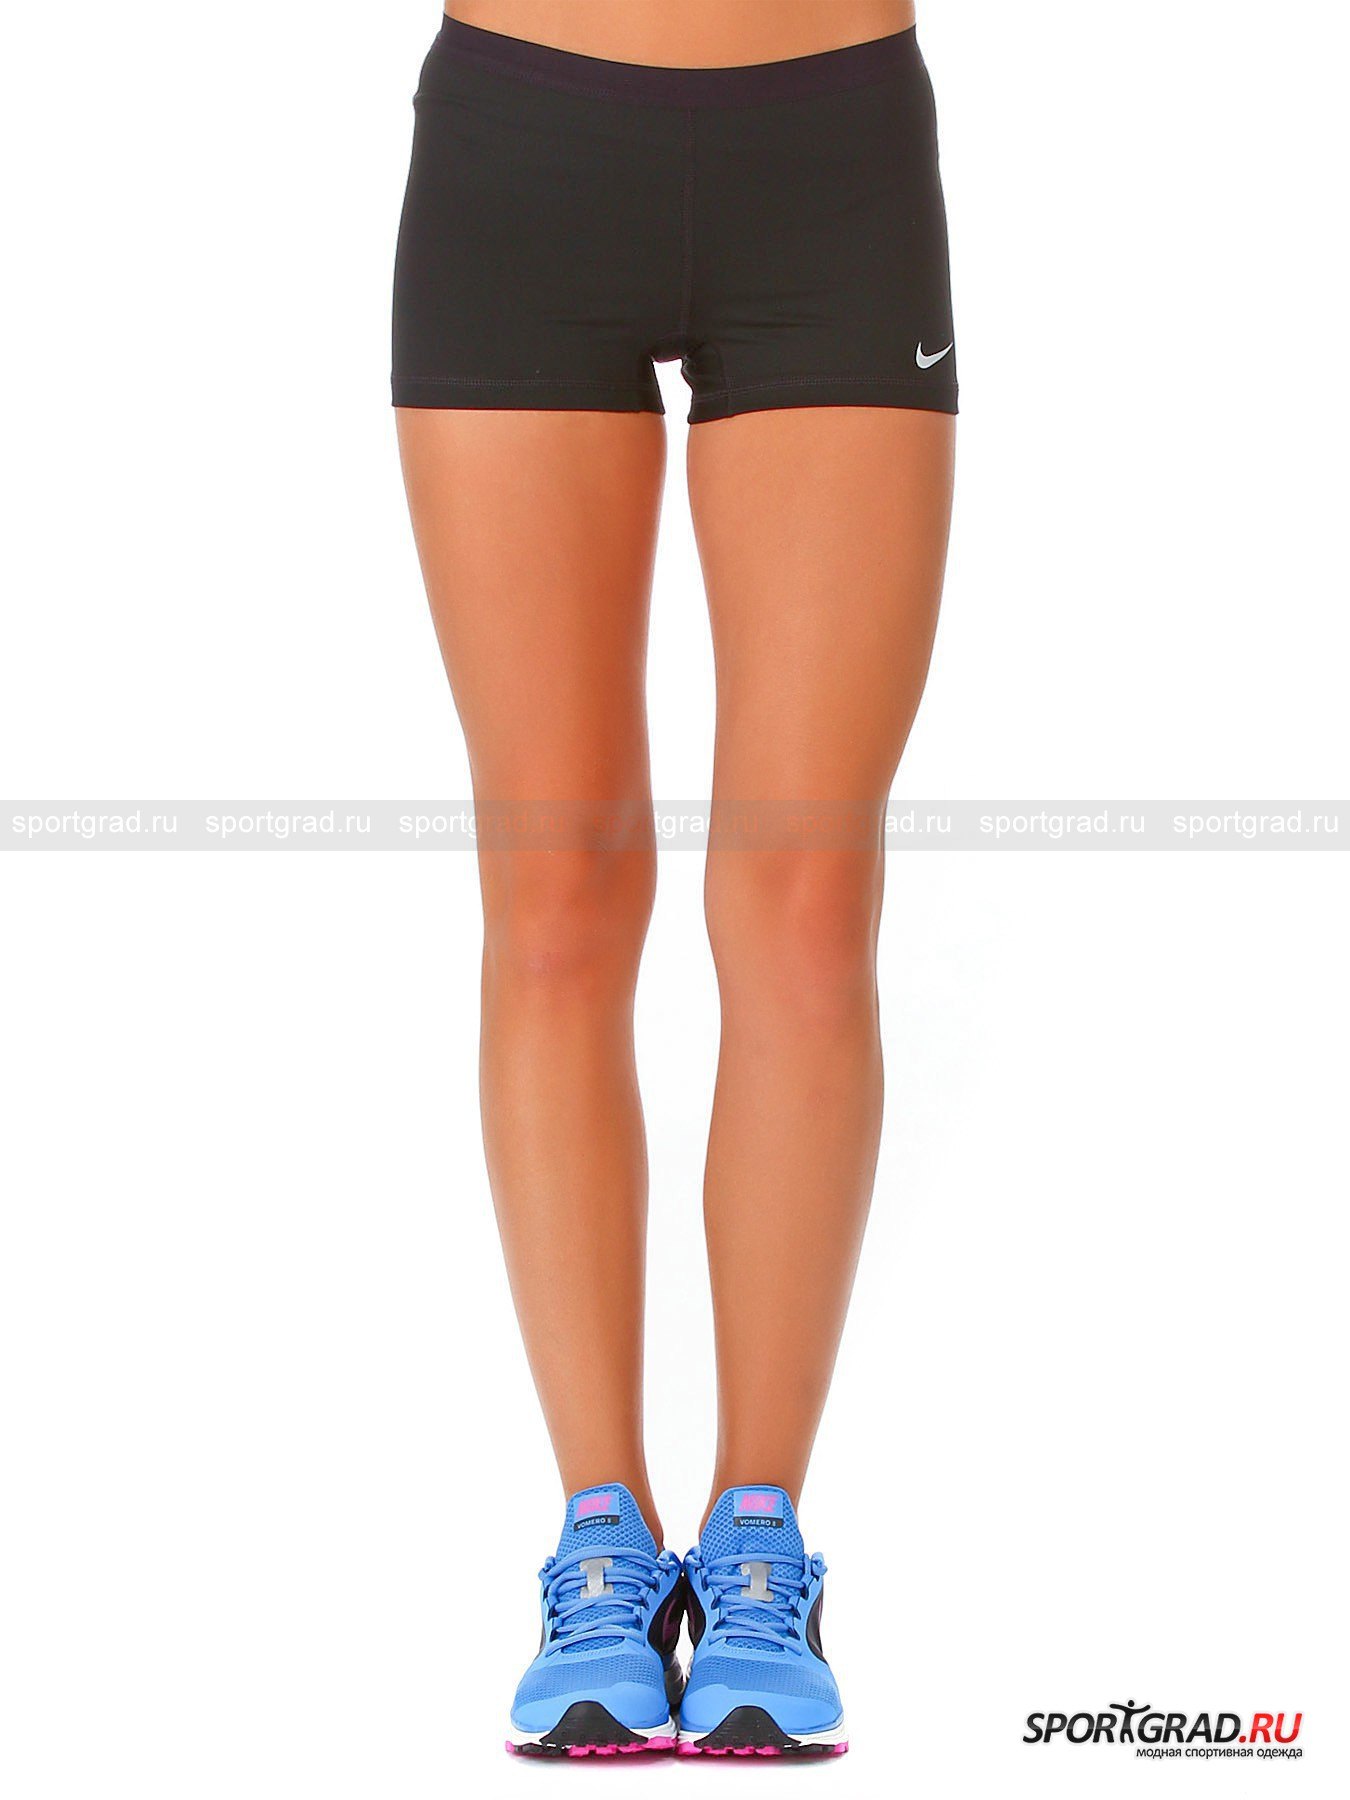 Шорты женские SLAM SHORT NIKE для тенниса